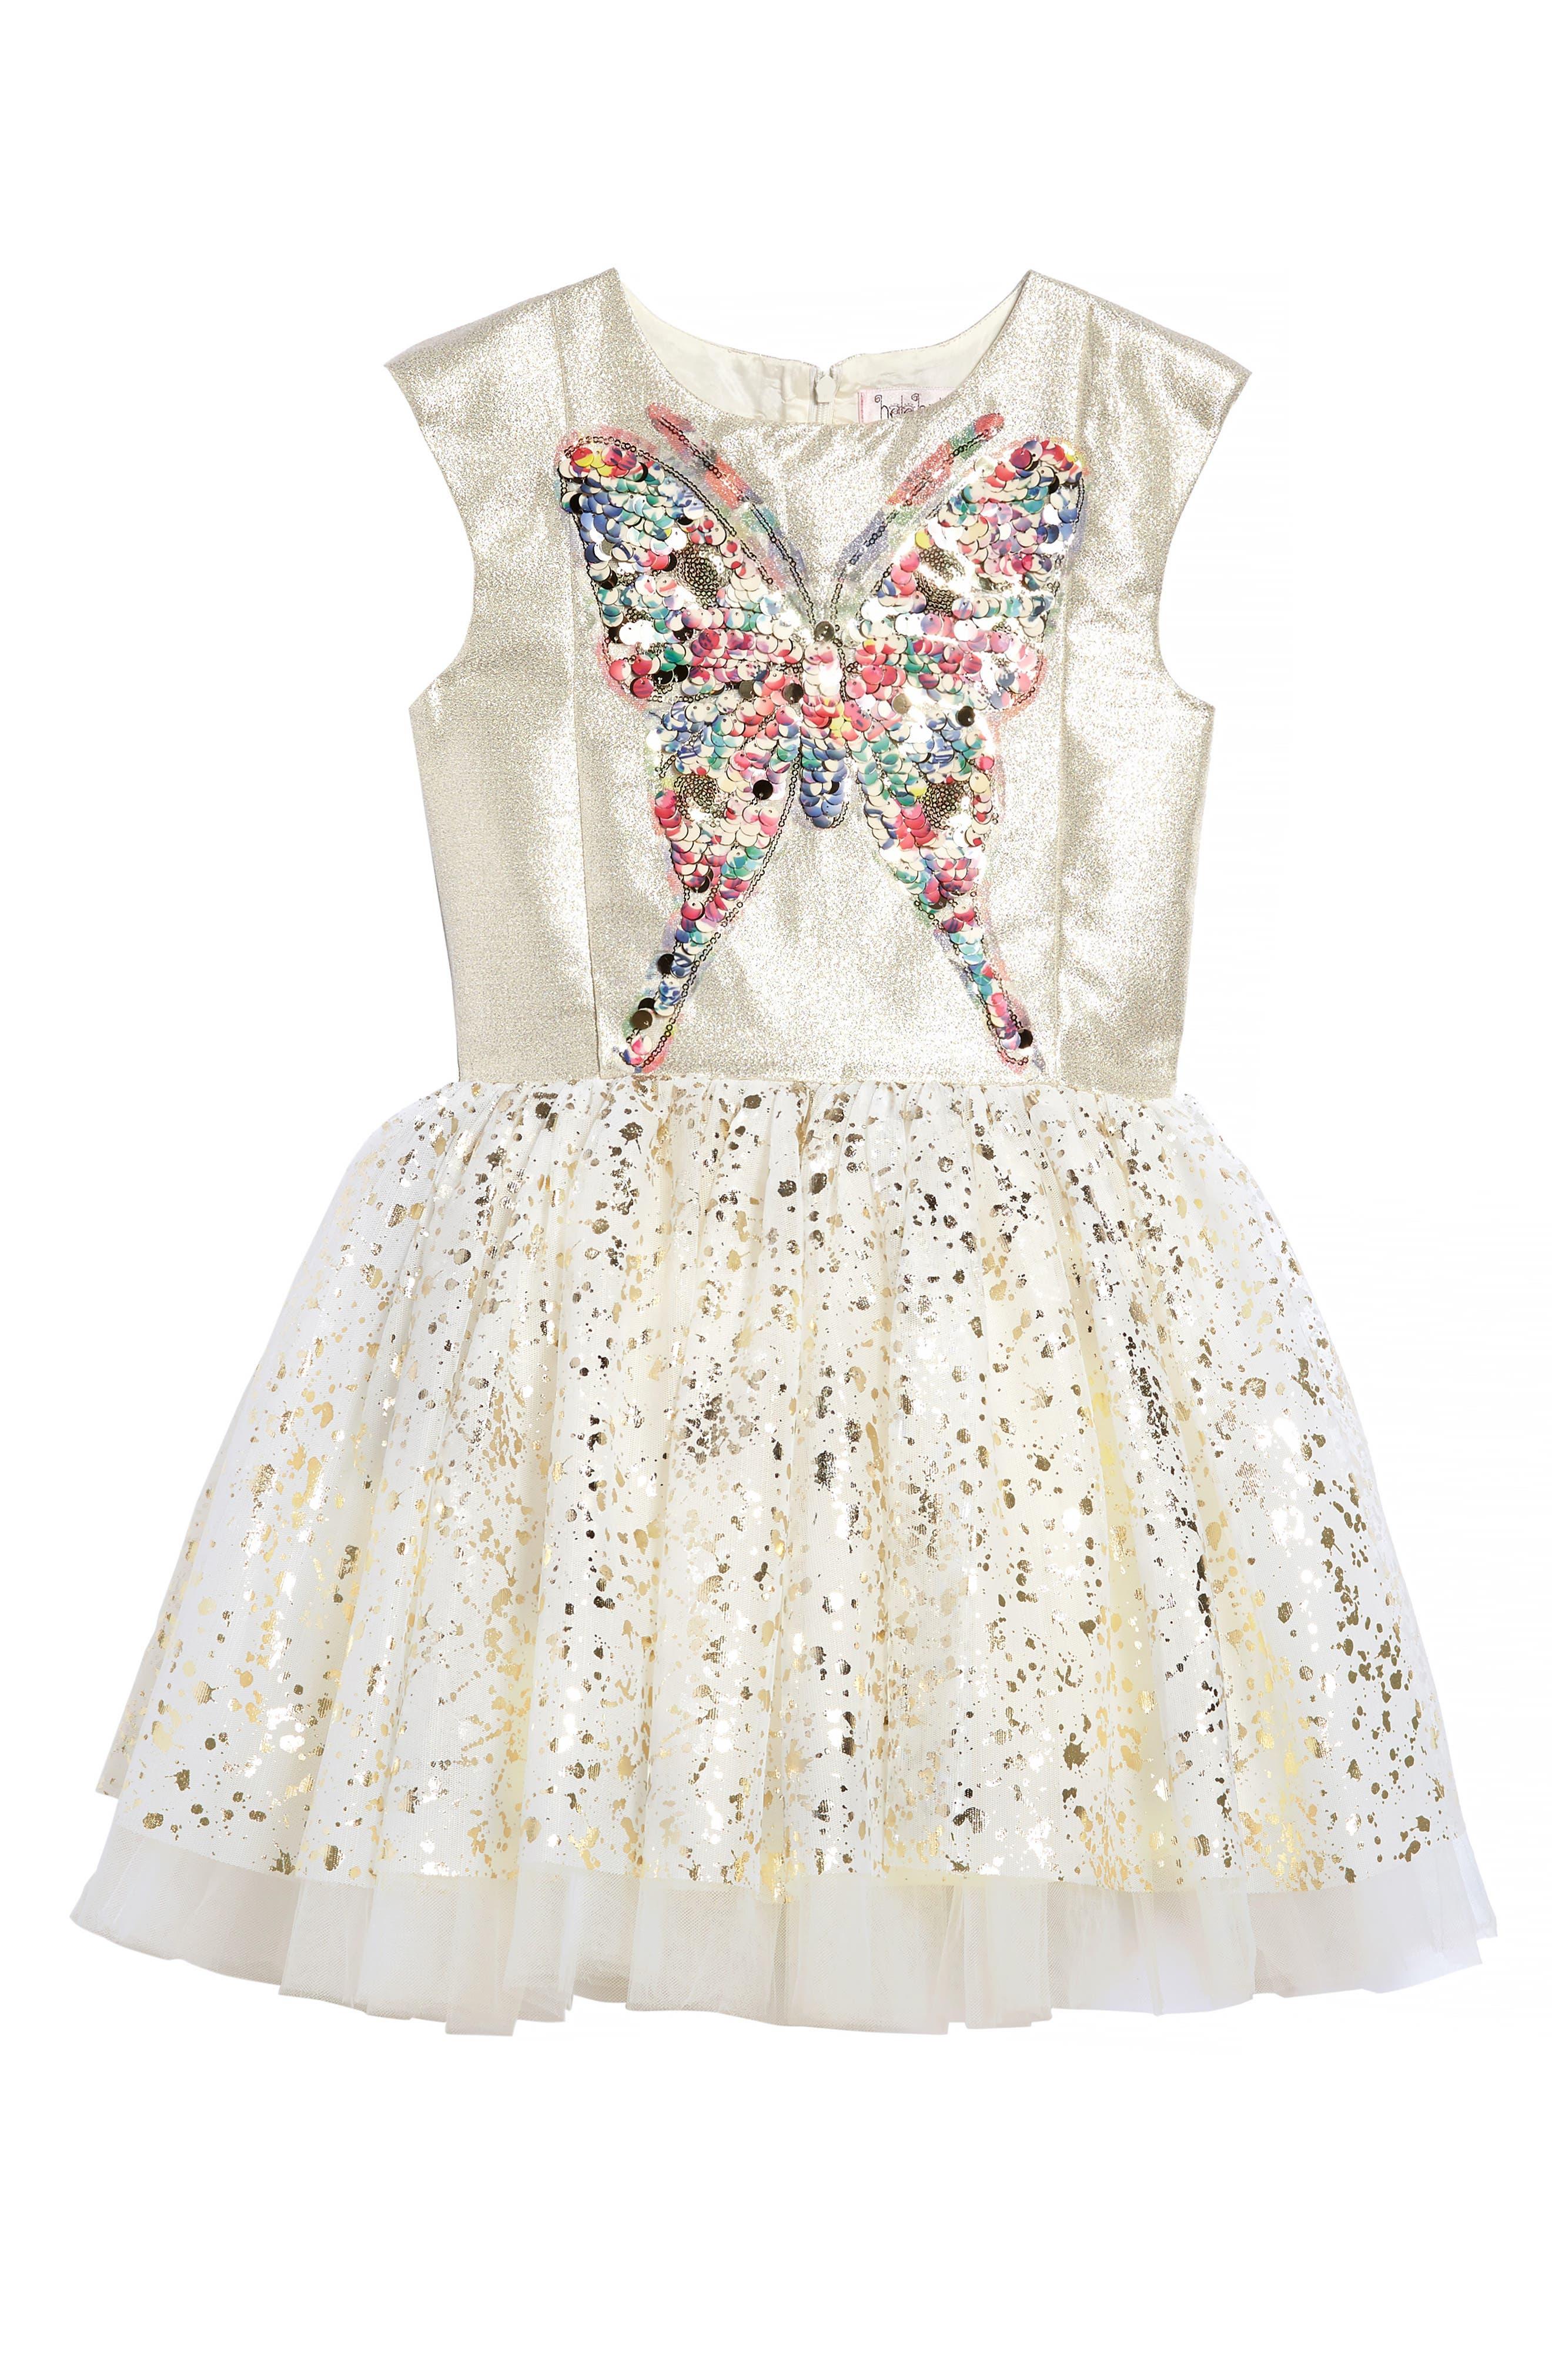 Halabaloo Sequin Butterfly Dress (Toddler Girls, Little Girls & Big Girls)